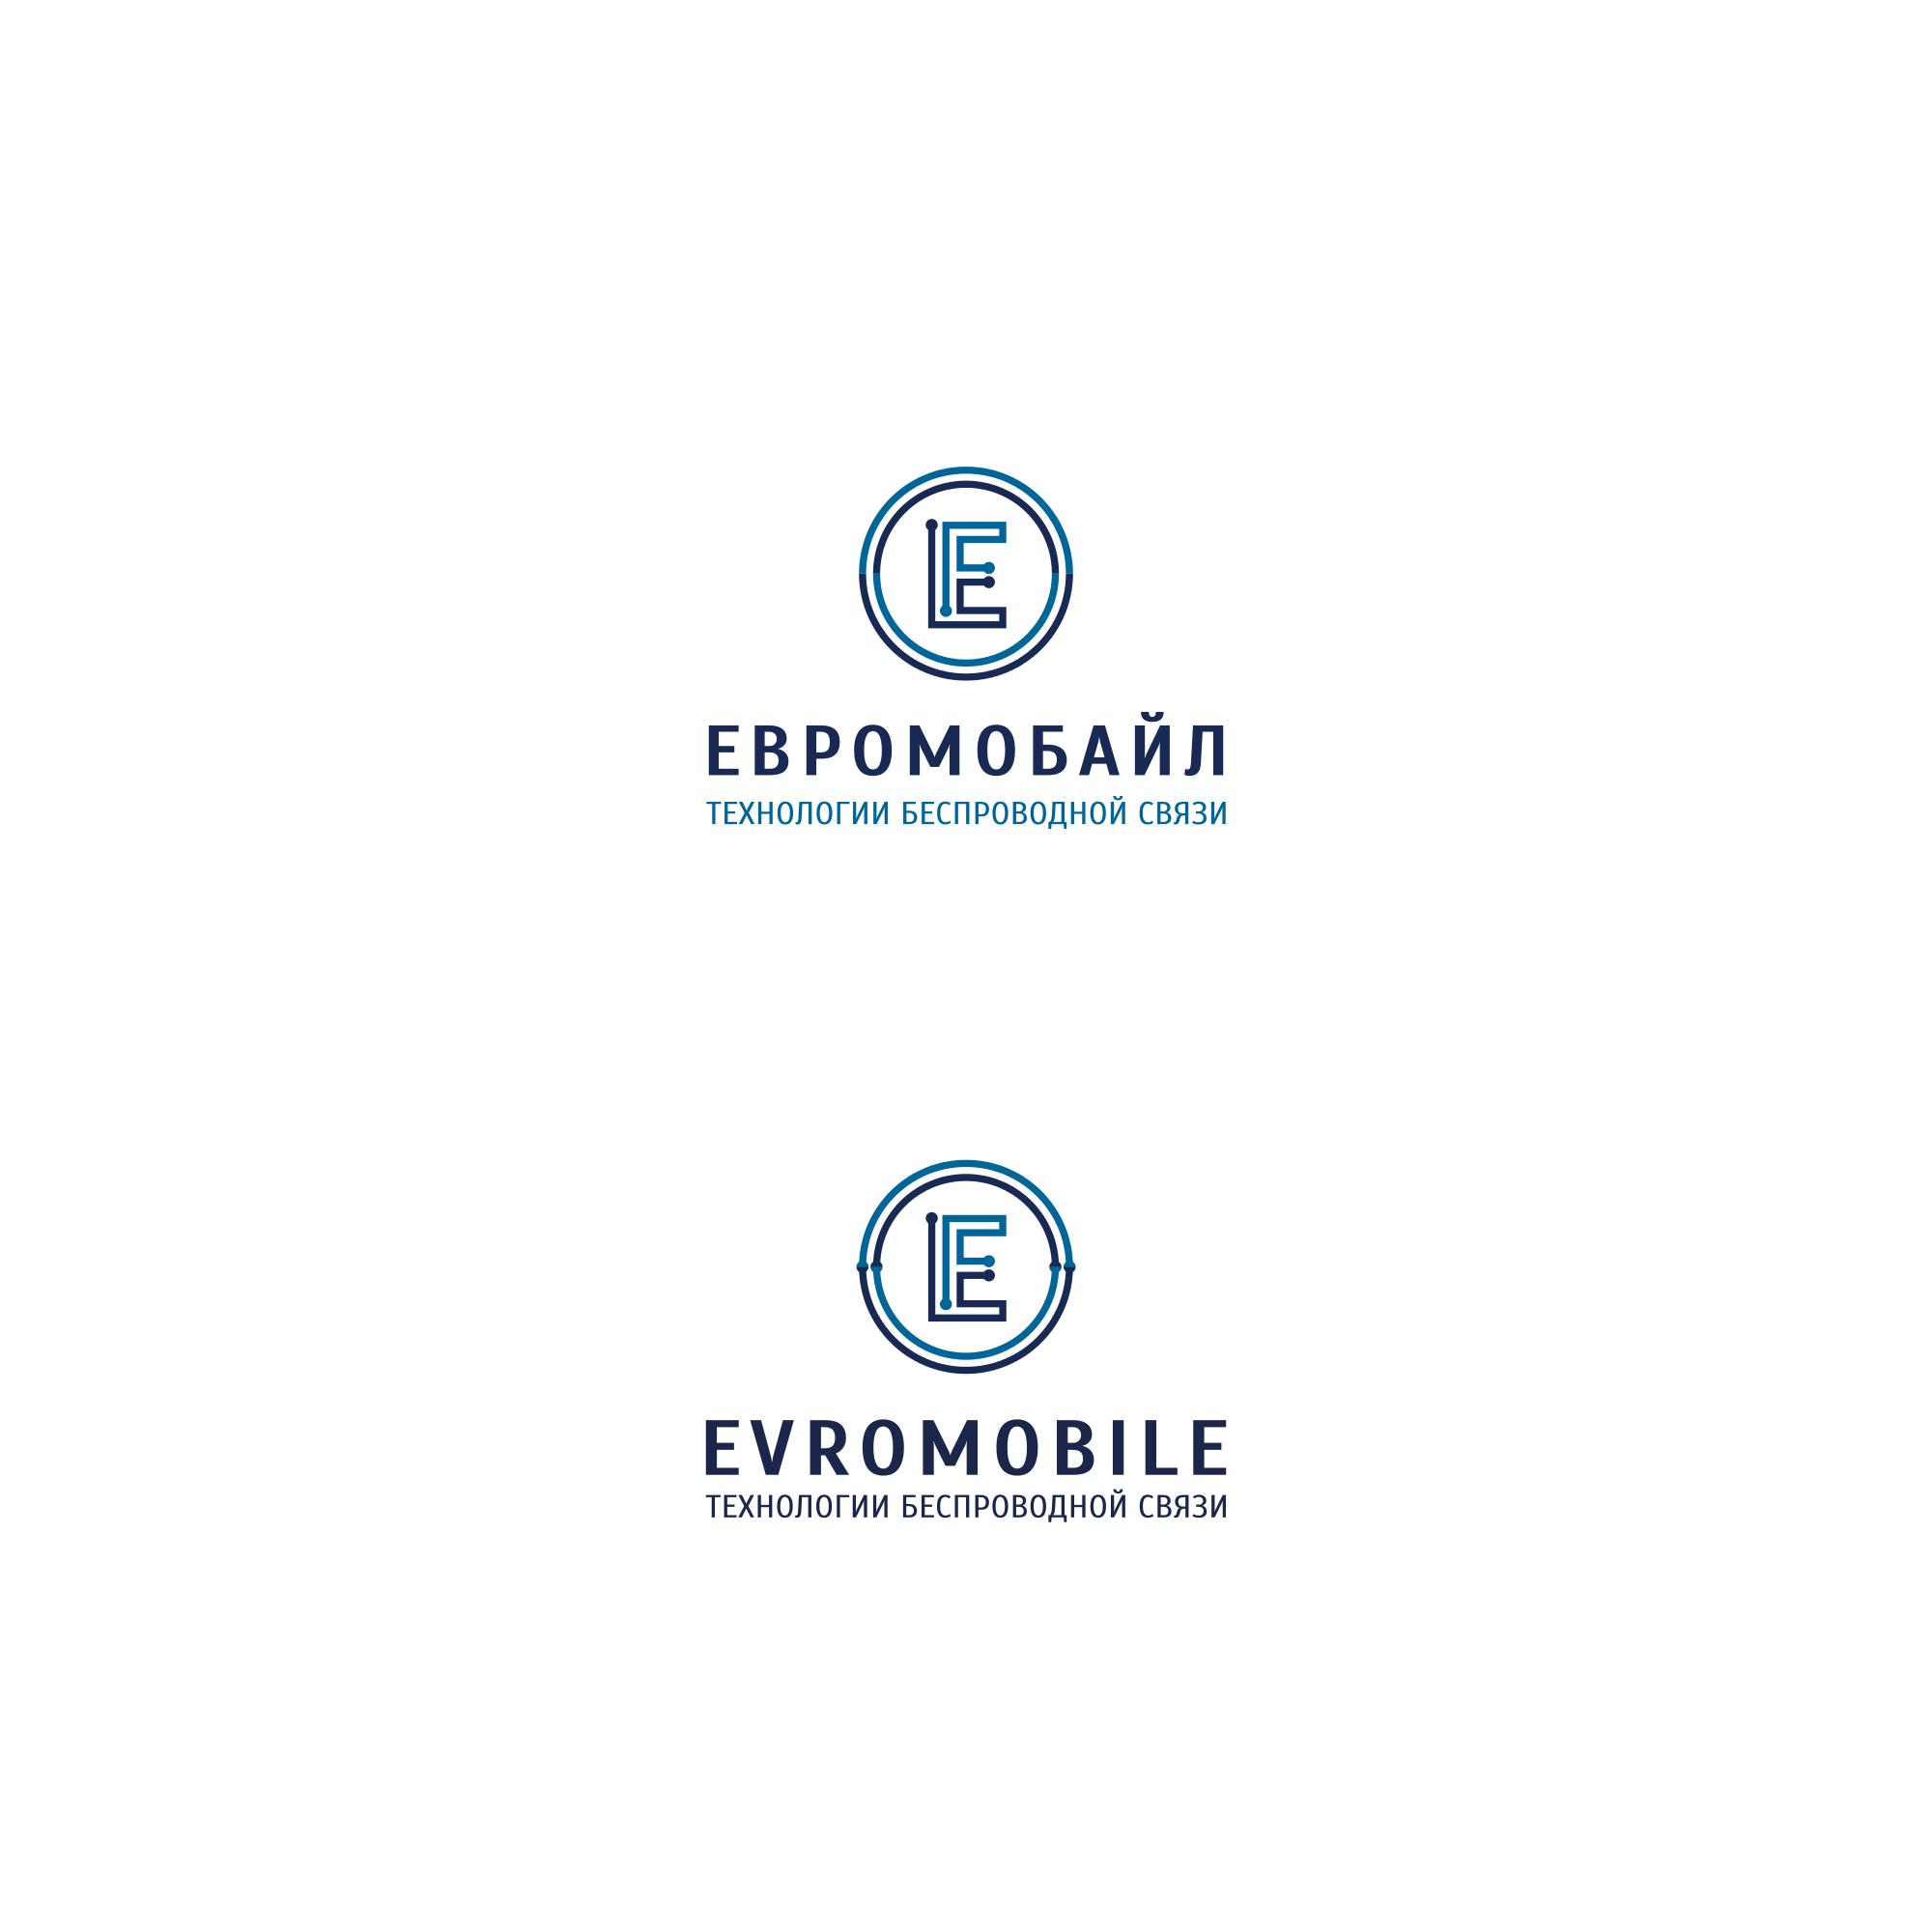 Редизайн логотипа фото f_64759be755709e8e.png